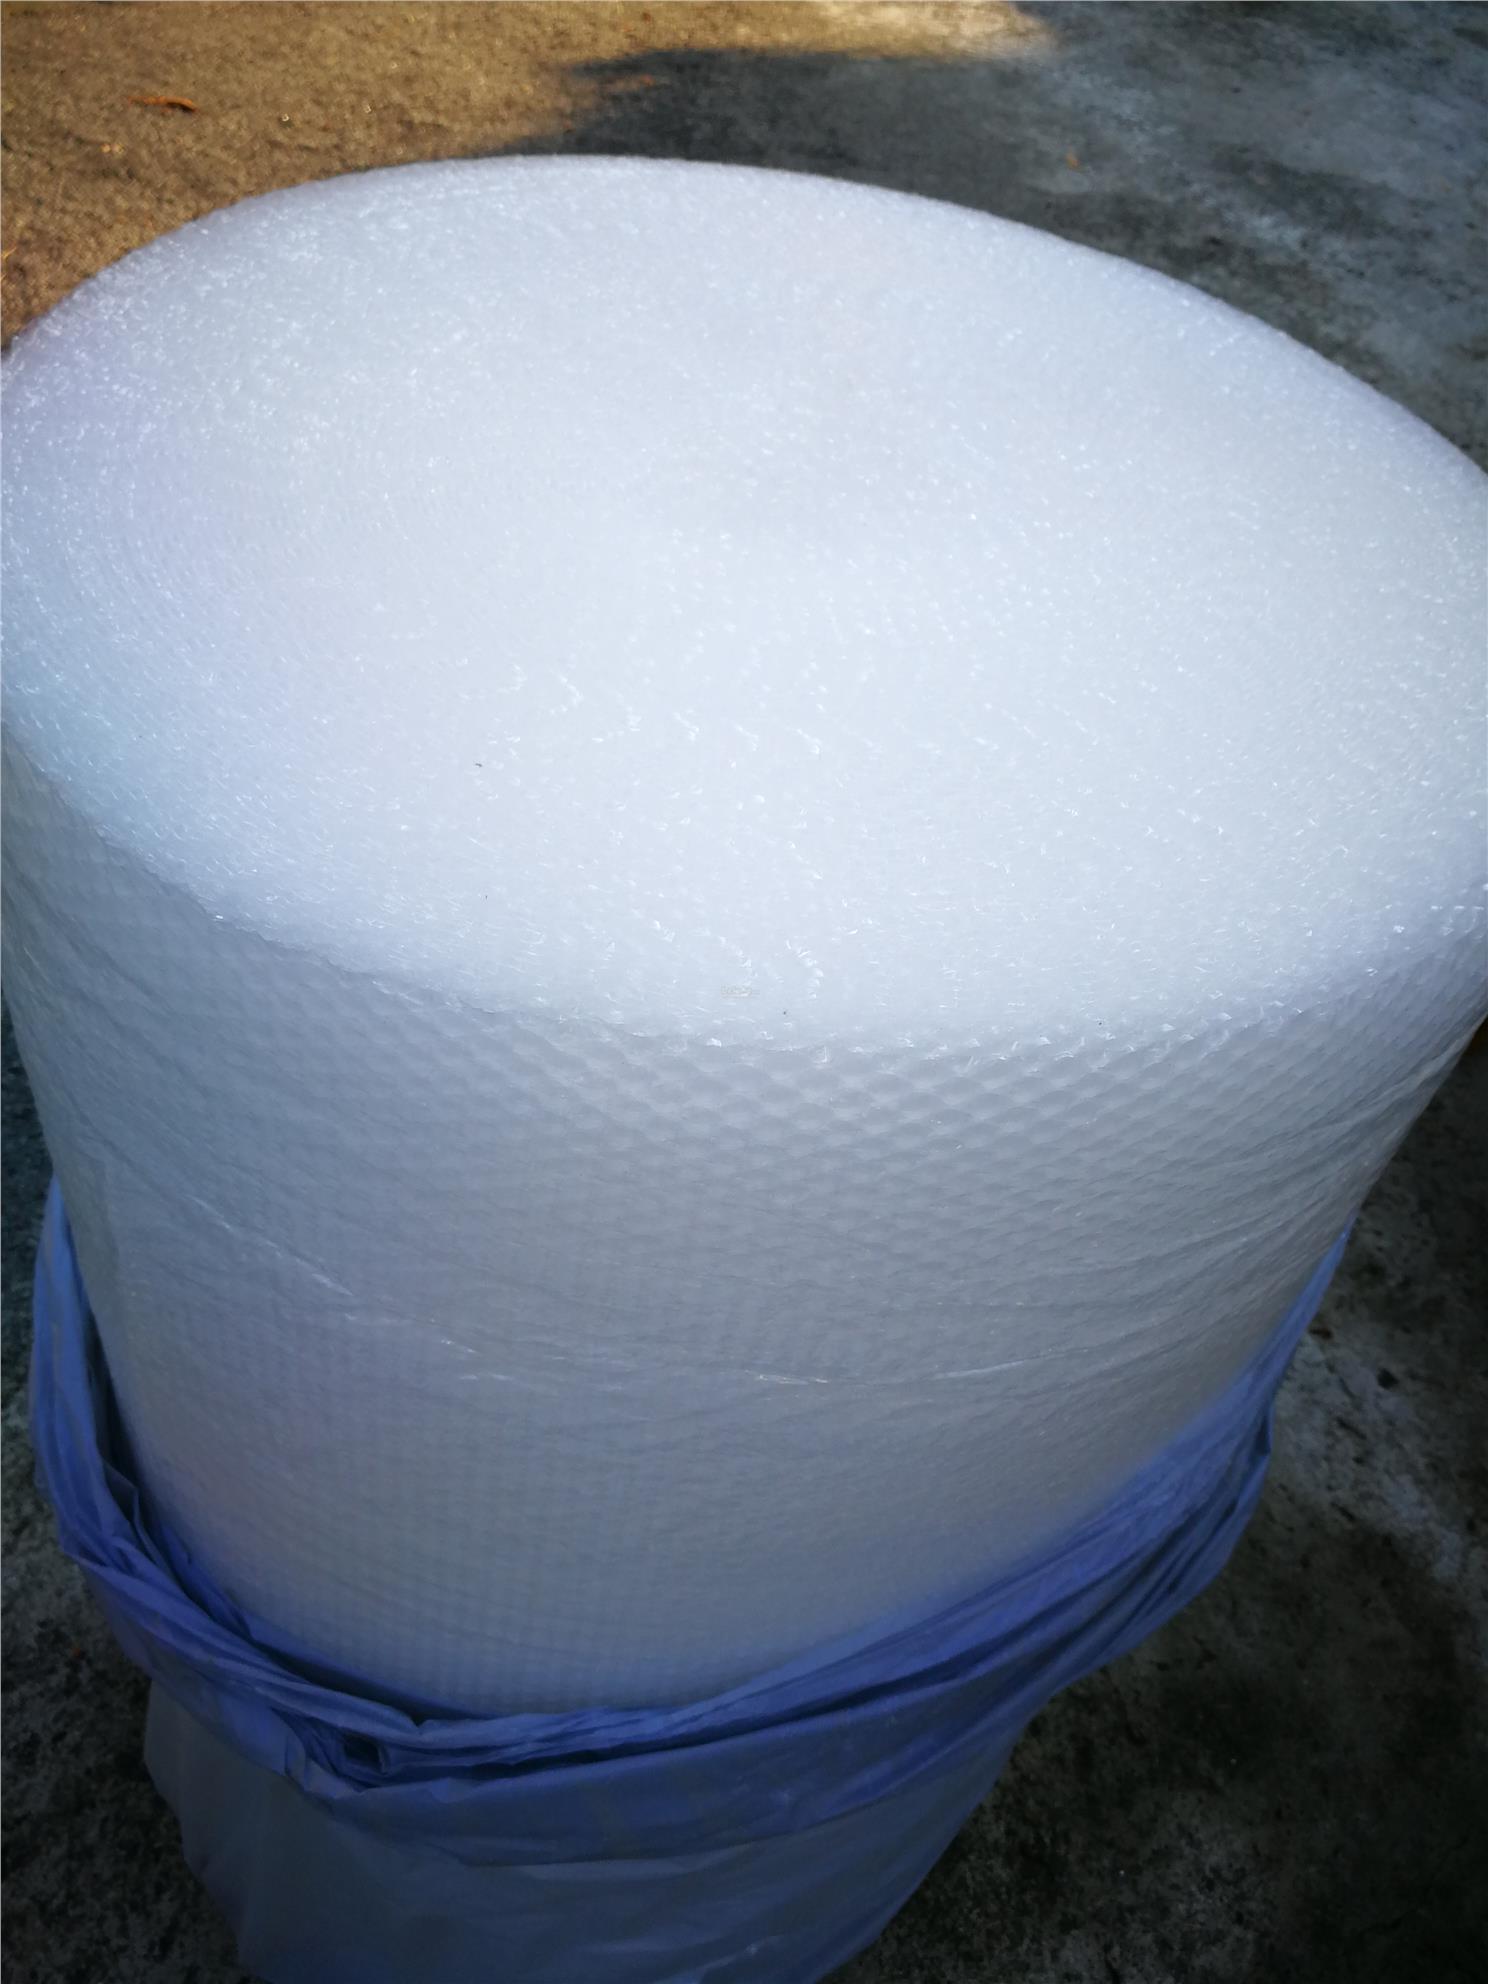 Packaging industrial PE Foam Polyethylene bubble wrap Malaysia